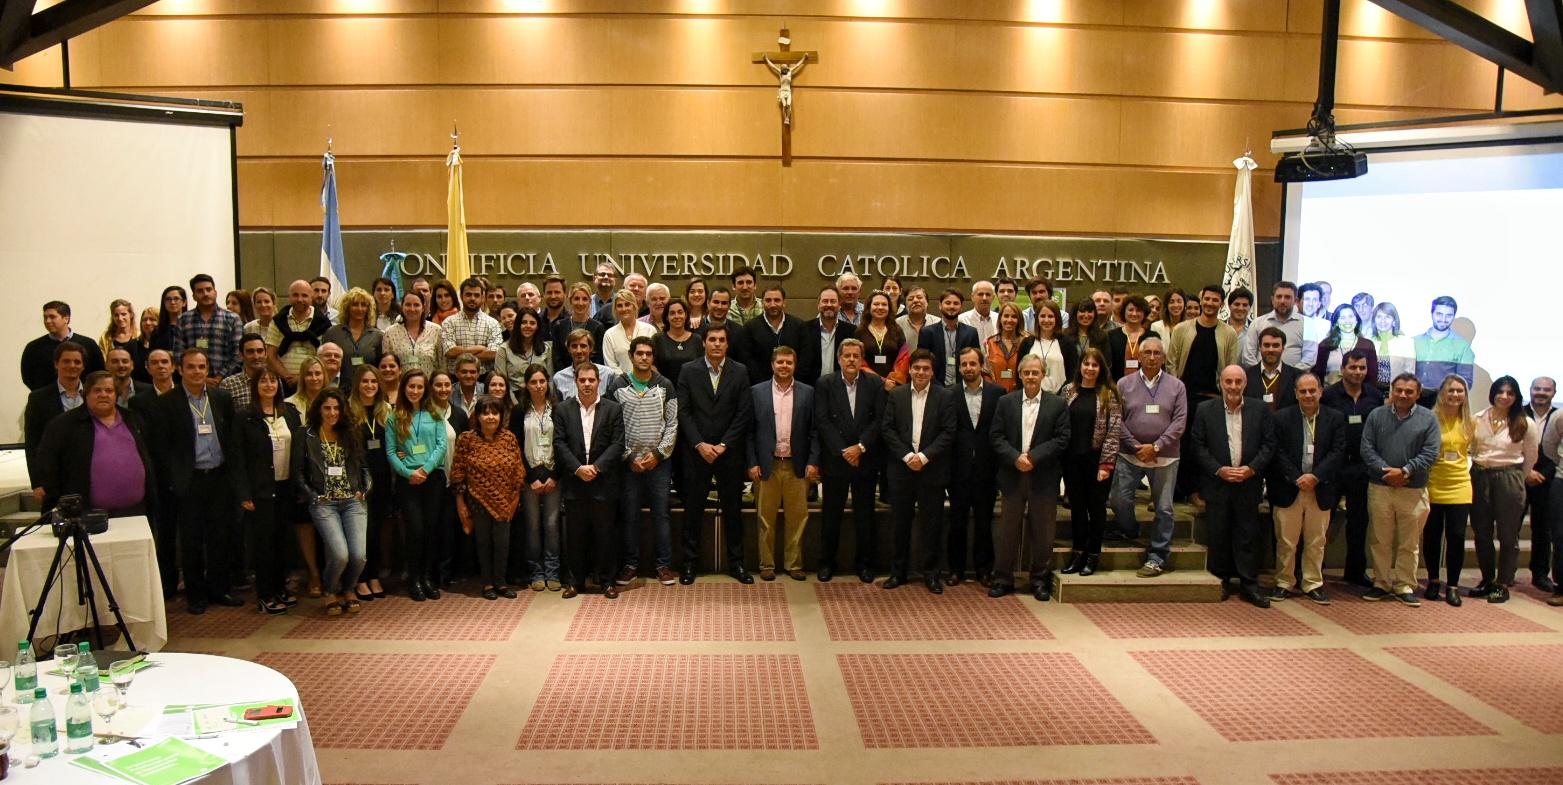 Elustondo y Aybar cerraron el primer encuentro de la mesa ambiental bonaerense con la premisa de trabajar ejes de comunicación, coordinación y participación